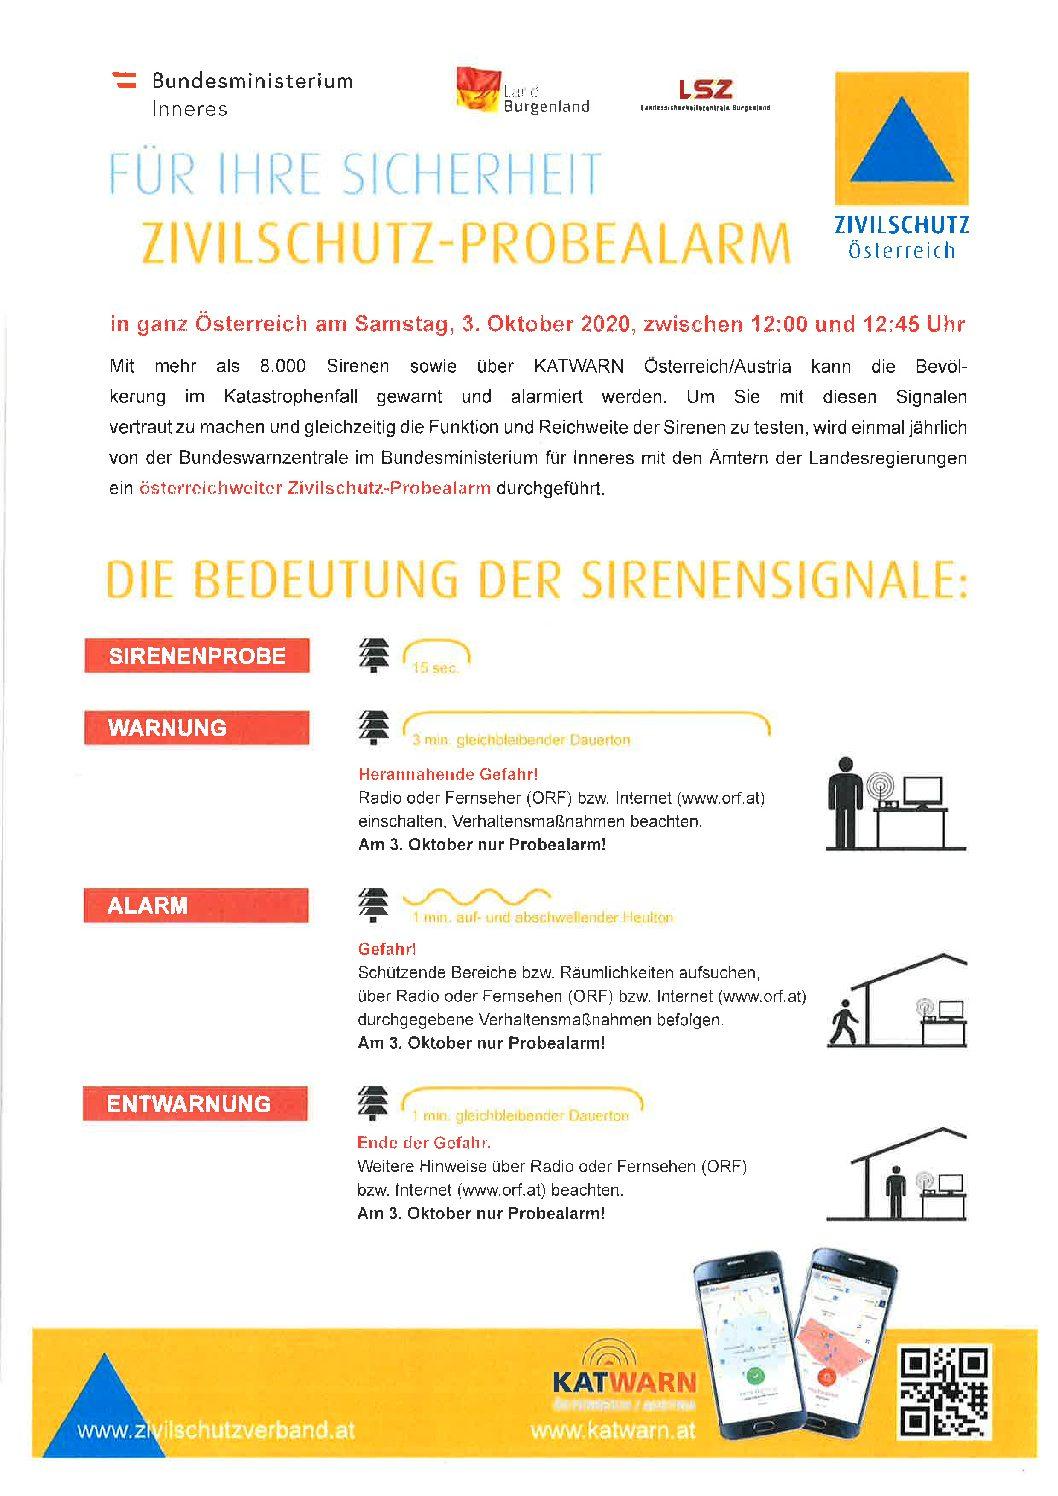 Zivilschutz-Probealarm am Samstag, 3. Oktober 2020 zwischen 12:00 und 12:45 Uhr